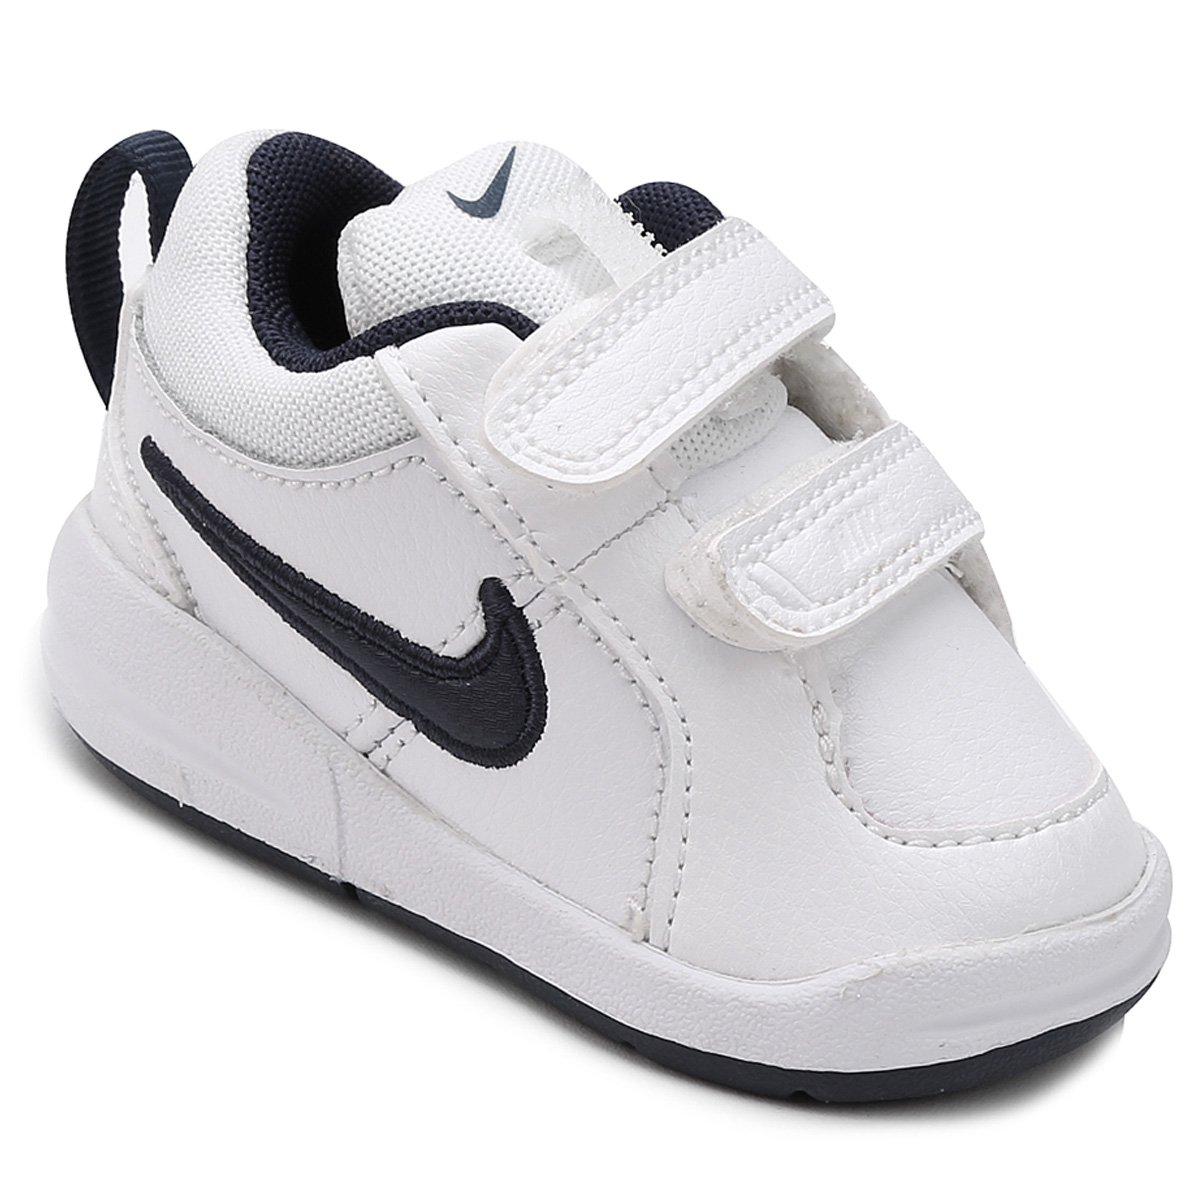 4680a88ea7f Tênis Nike Pico 4 infantil - Compre Agora